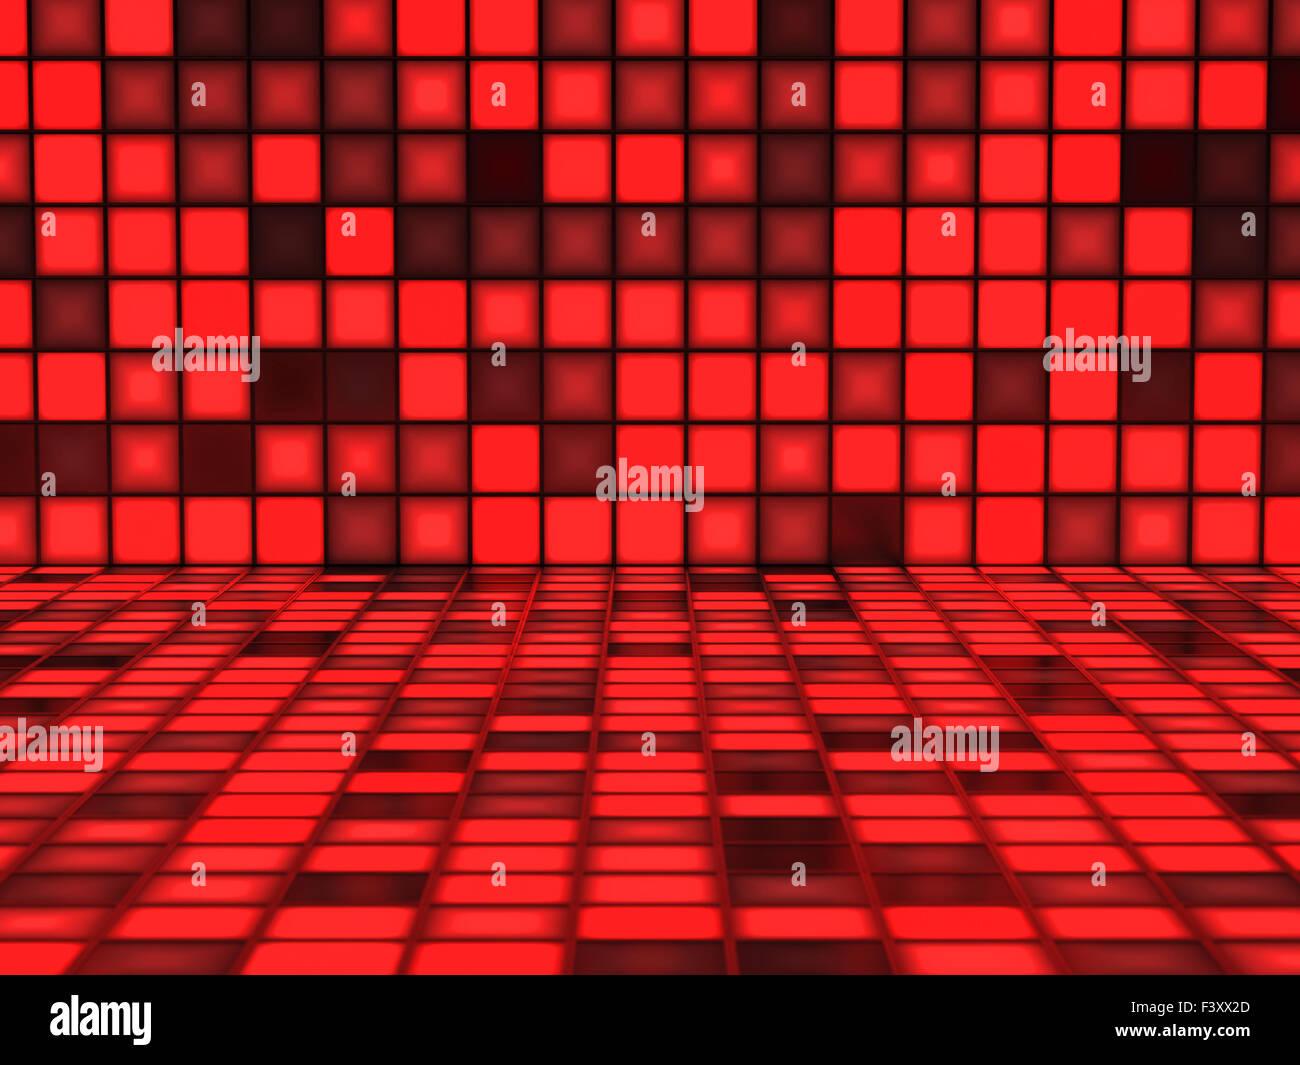 Fondo rojo con trazos encendidos Foto de stock